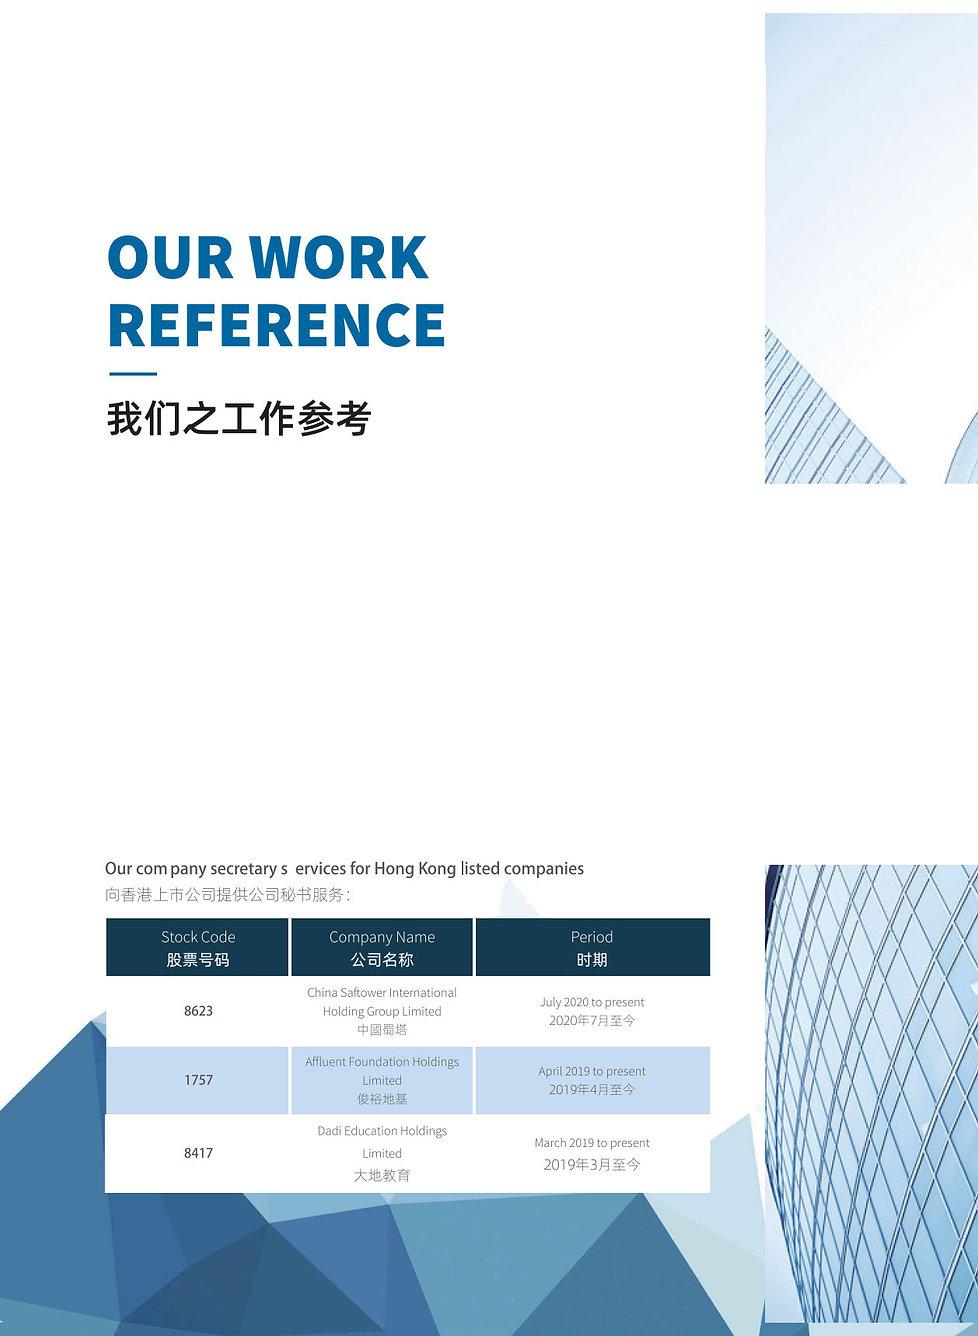 GV_Job_Ref-1a.jpg